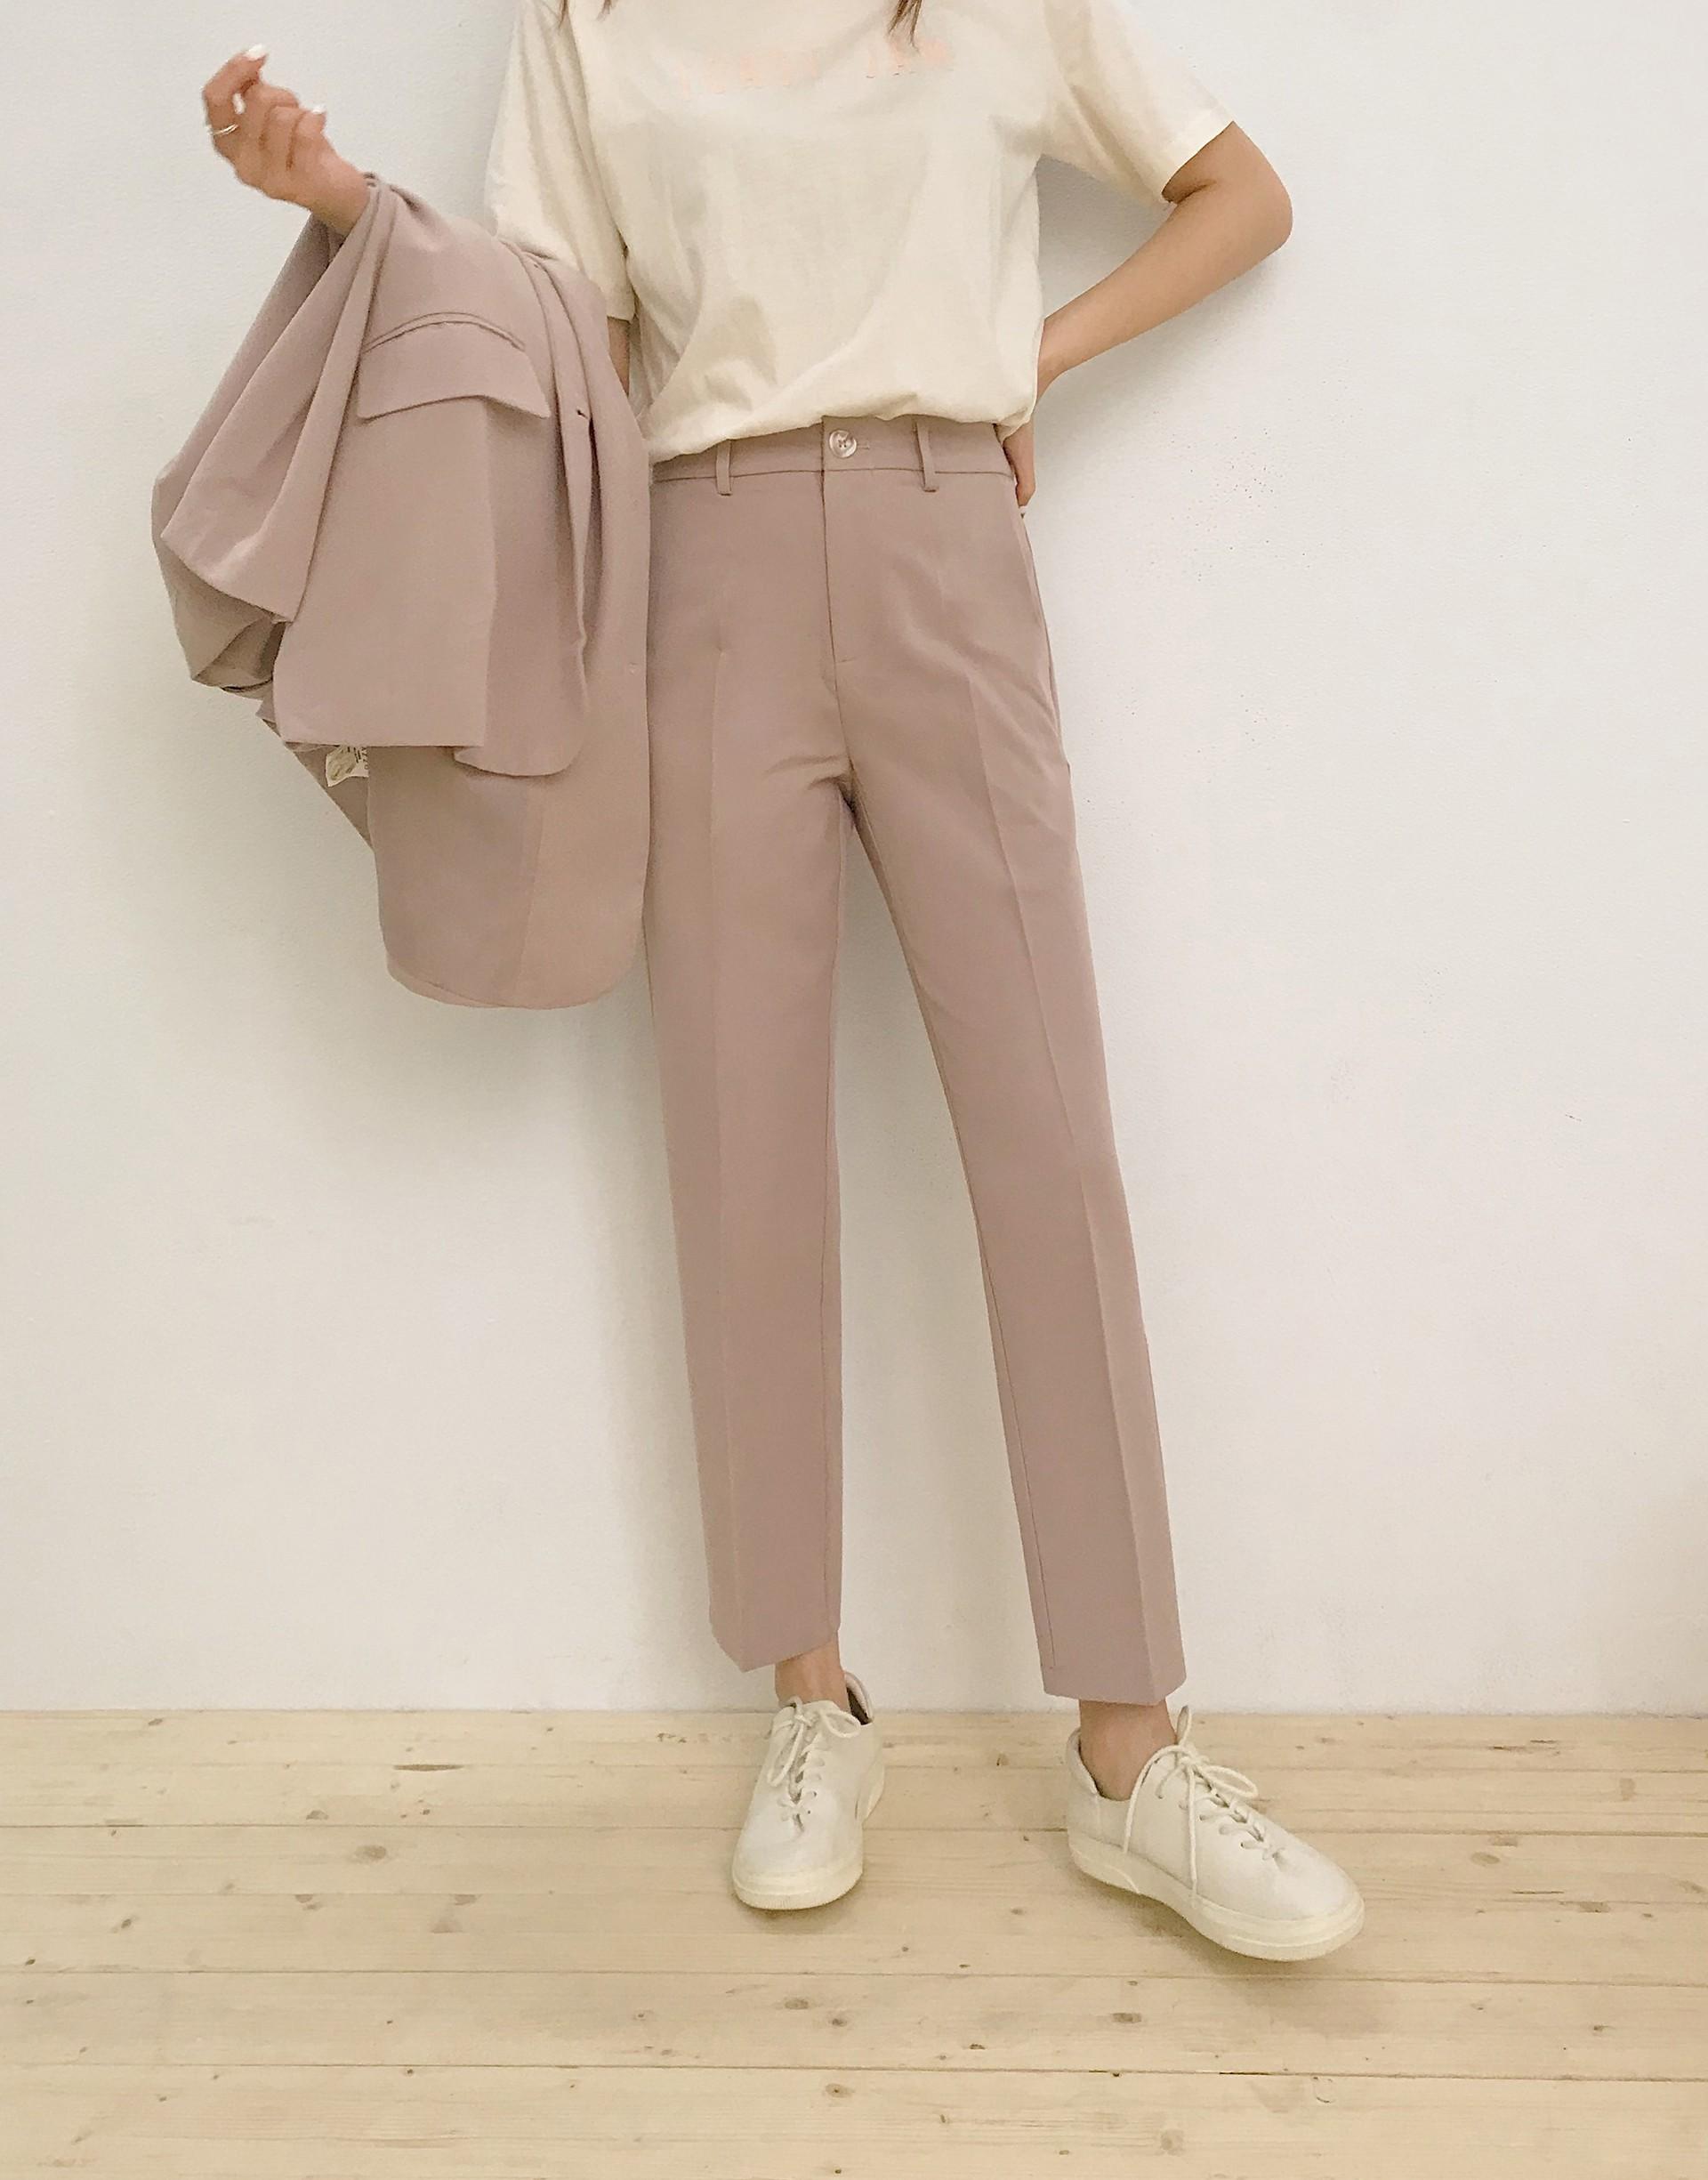 舒適質感面料/修身褶線造型/後腰頭鬆緊數計/兩側皆有口袋/後面假口袋裝飾